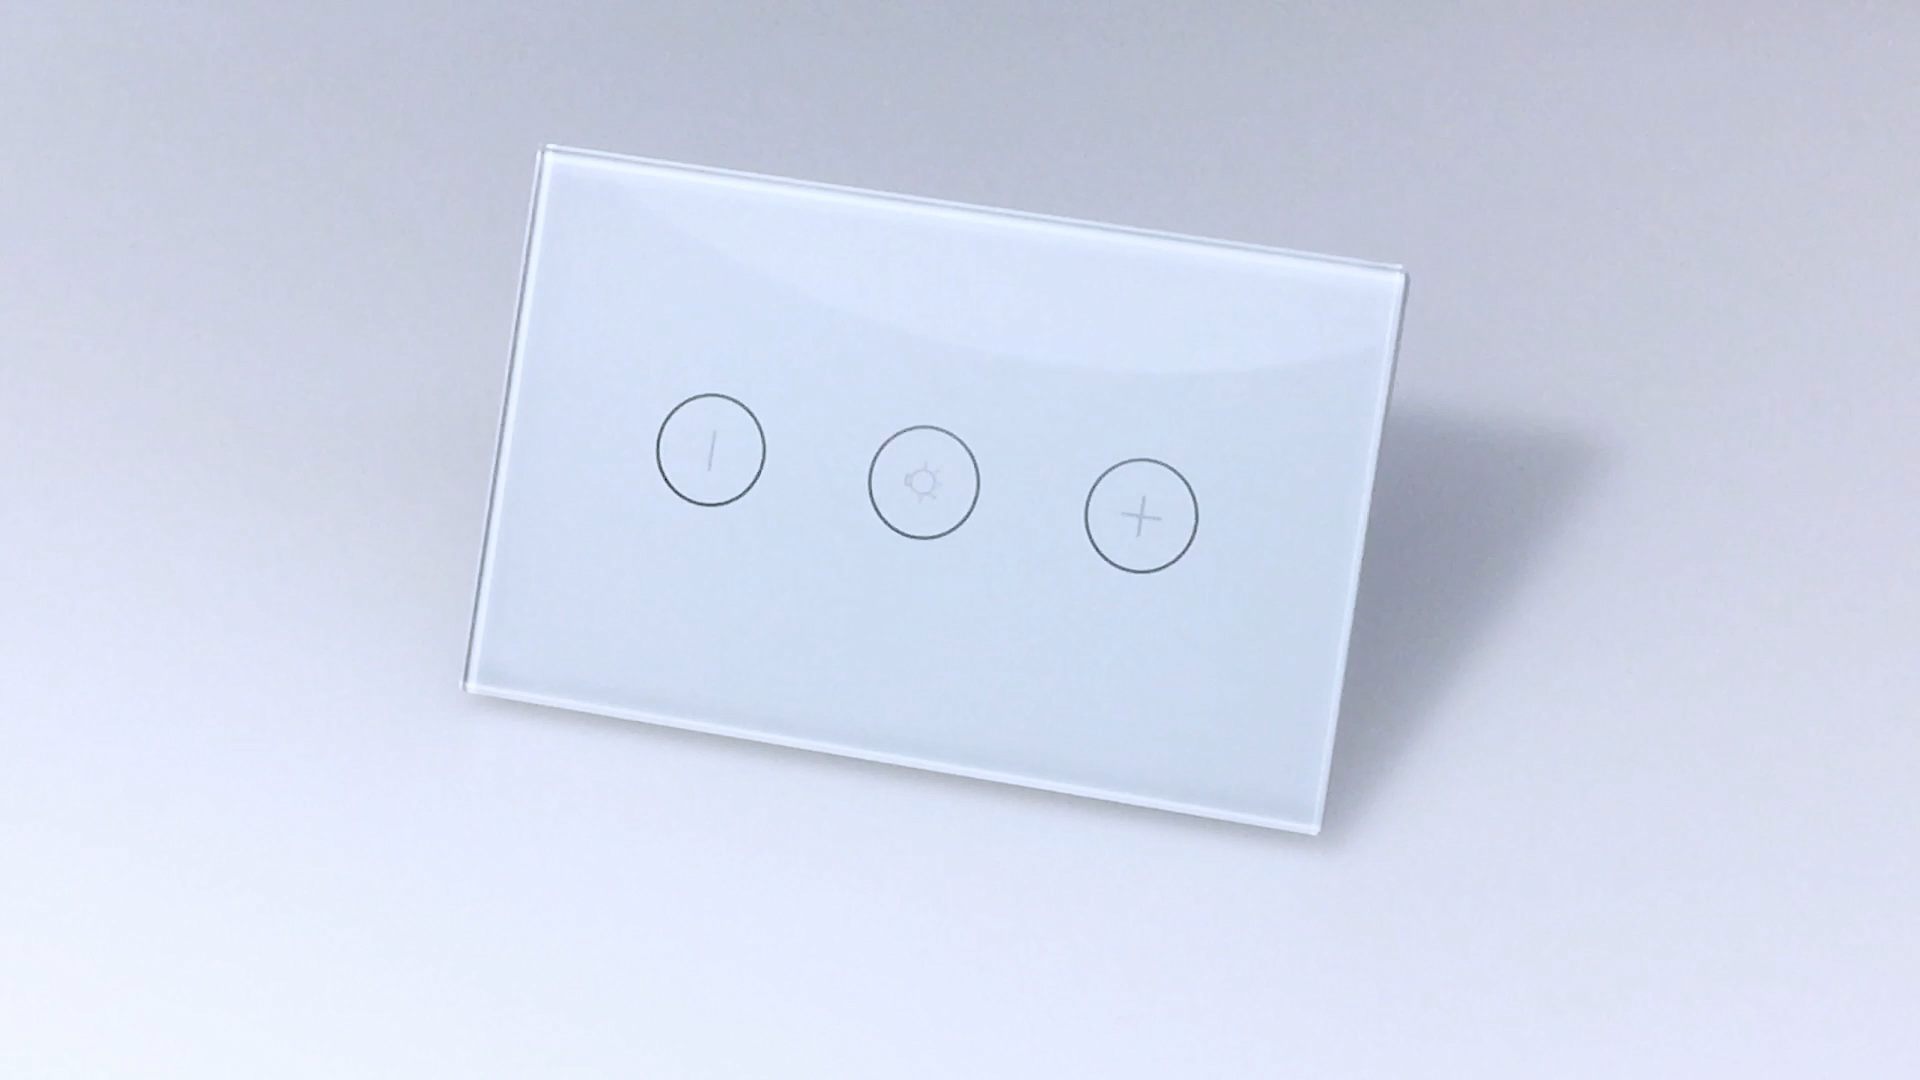 Tuya Smart Life App Fernbedienung 5A Home Timer Automation Dimmer gesteuerter Smart Touch WiFi Light Wand schalter